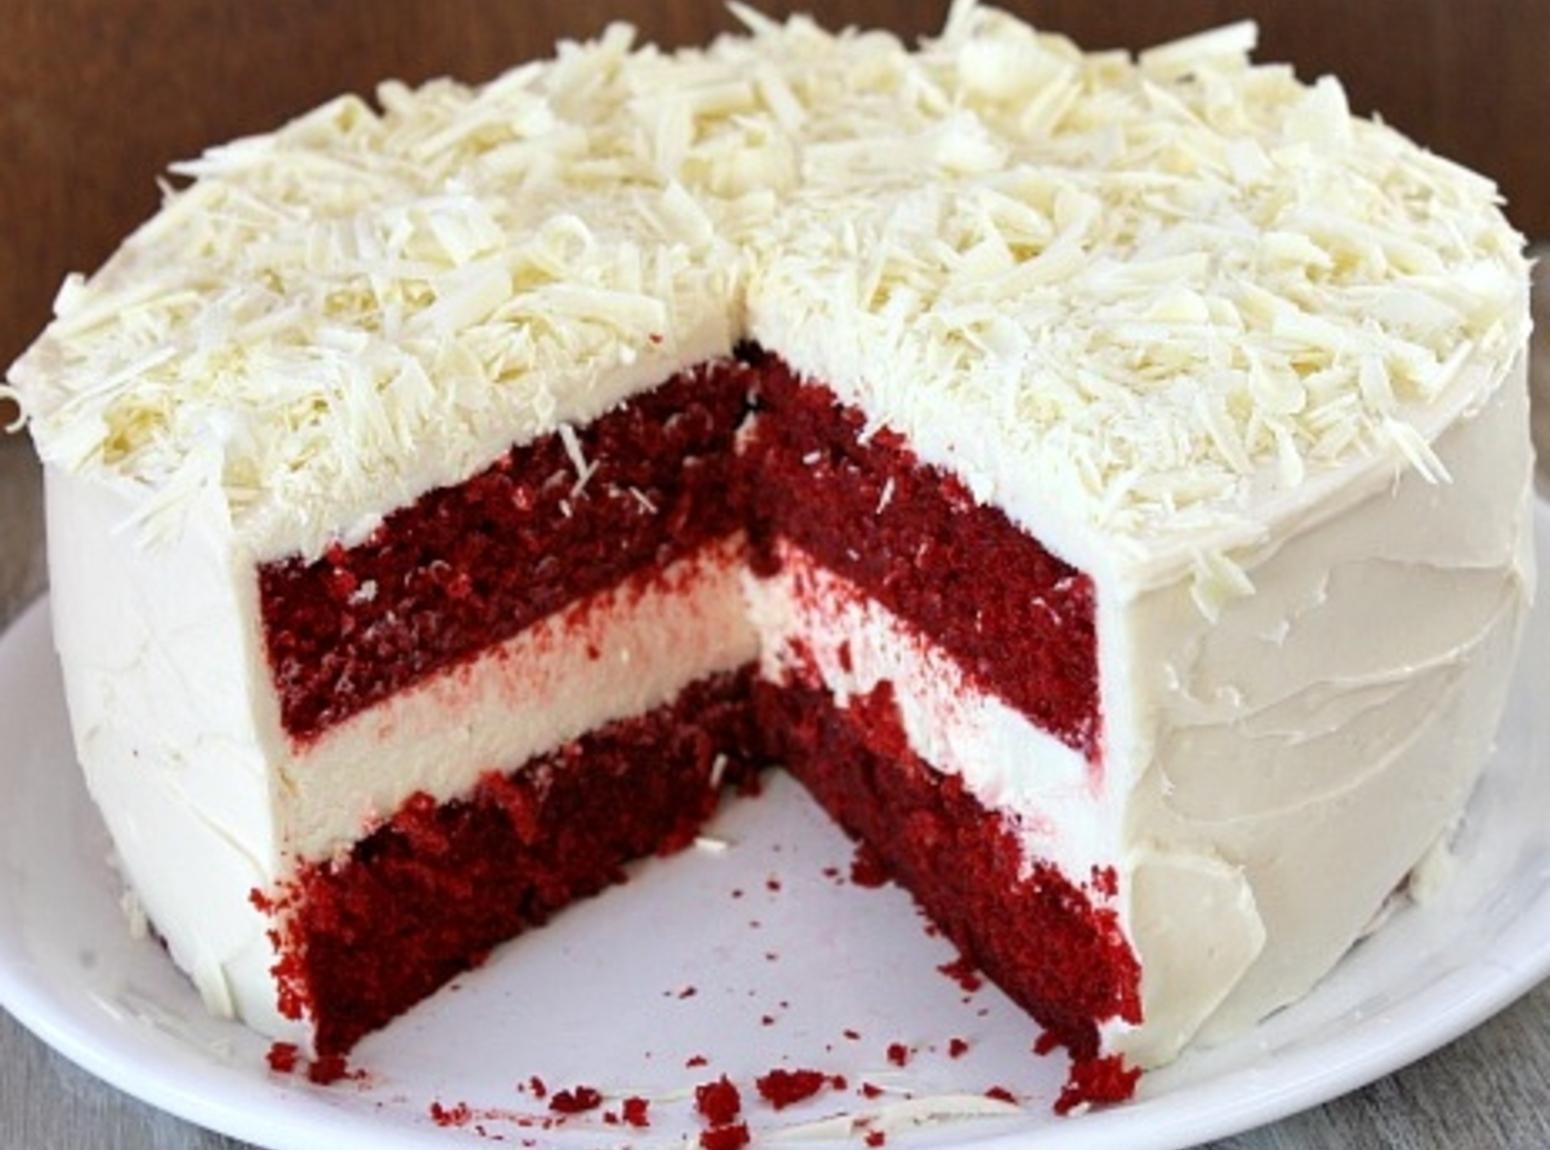 Red Velvet Cheesecake Recipe  Red Velvet Cheesecake Cake Recipe